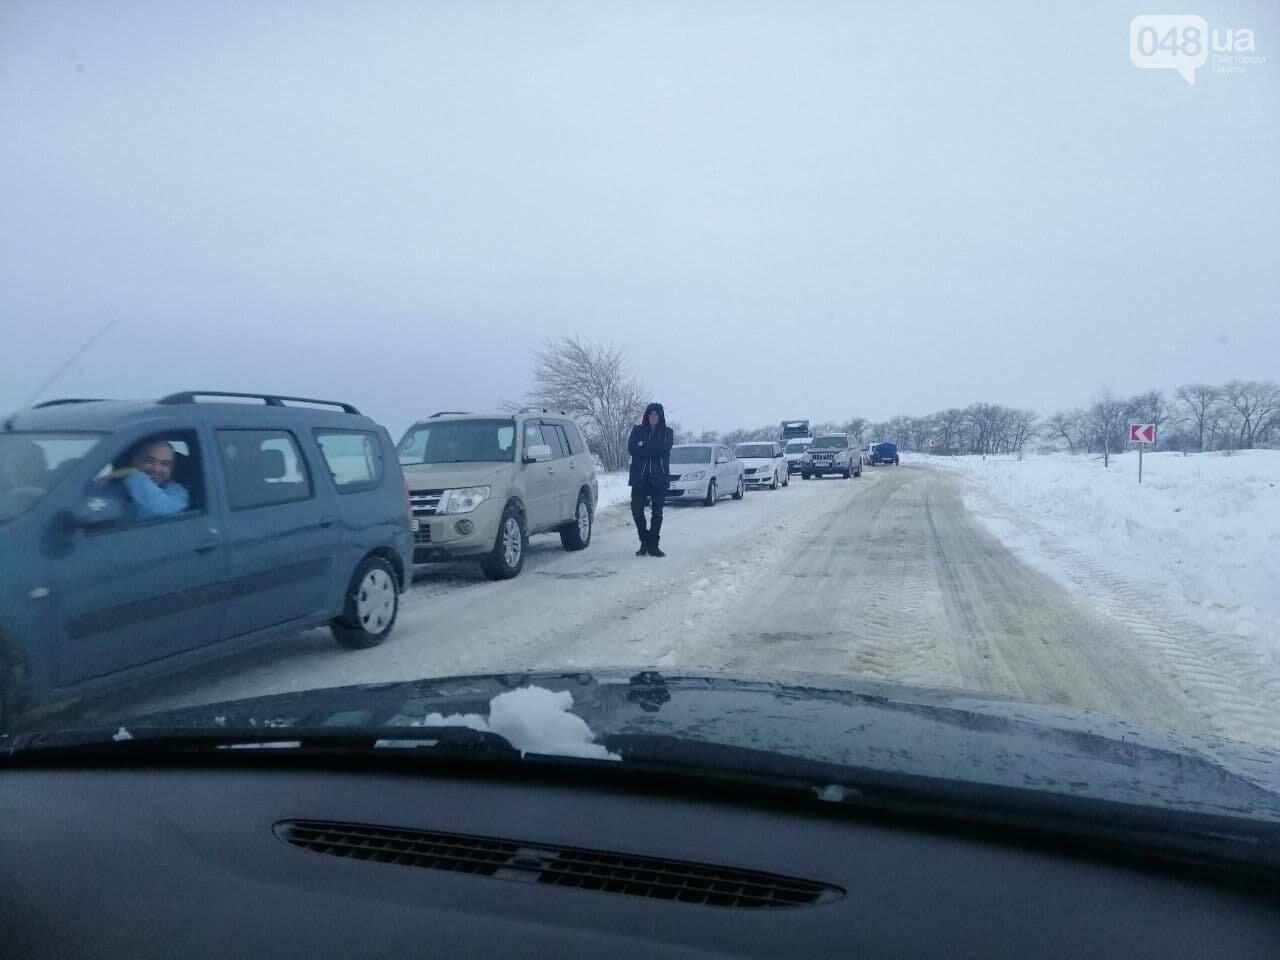 Трасса Одесса-Рени: брошенные автомобили, трактора и сугробы,- ВИДЕО, ФОТО, фото-11